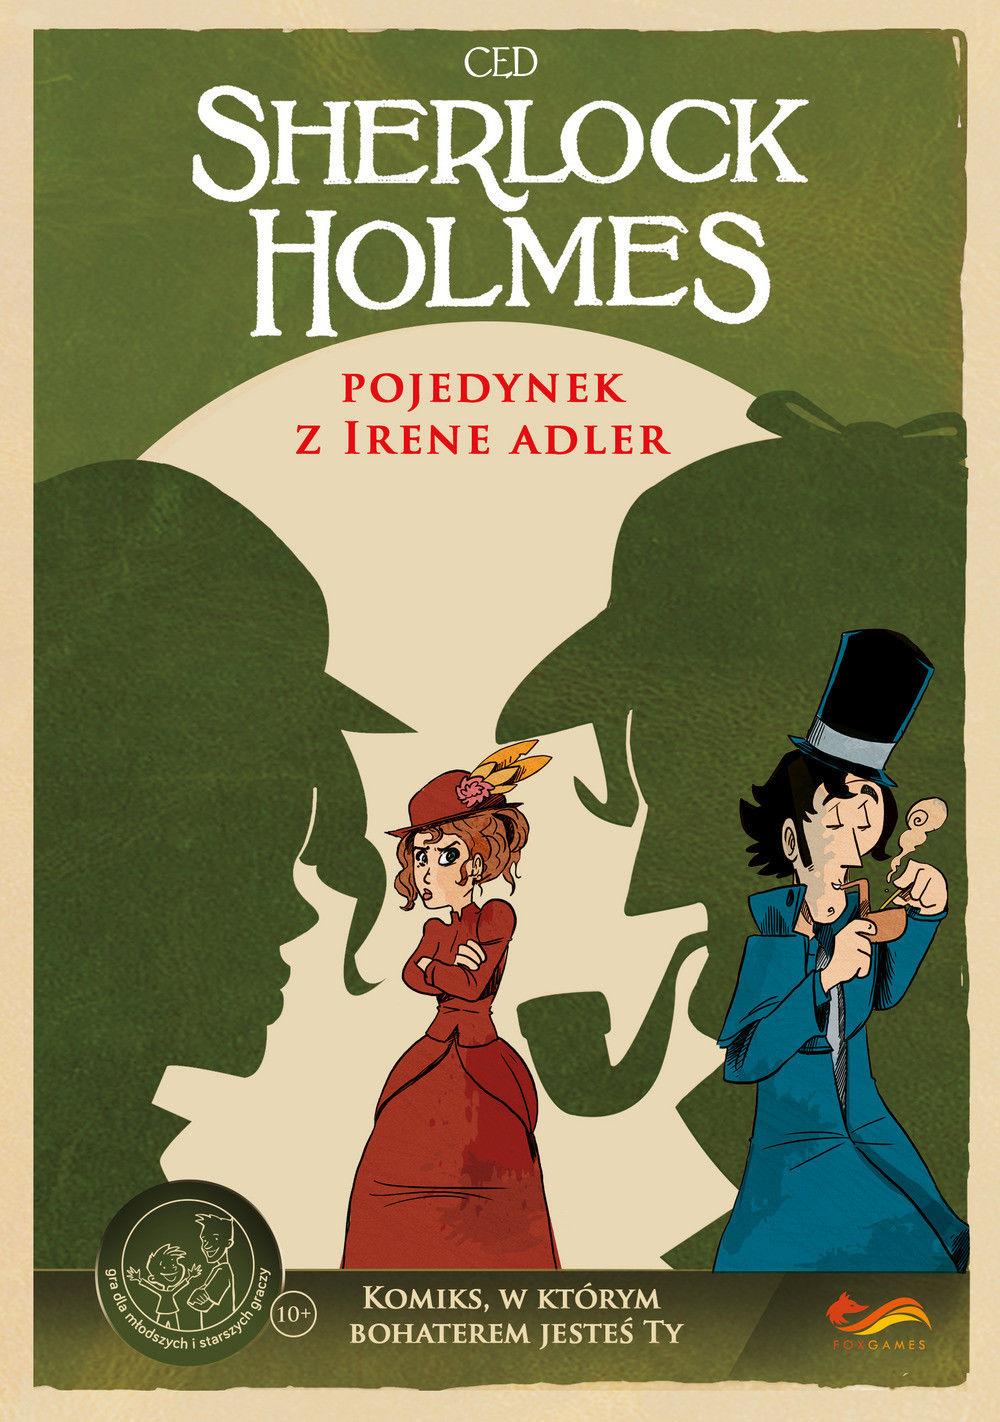 Gra Komiks Paragrafowy: Sherlock Holmes: Pojedynek z Irene Adler